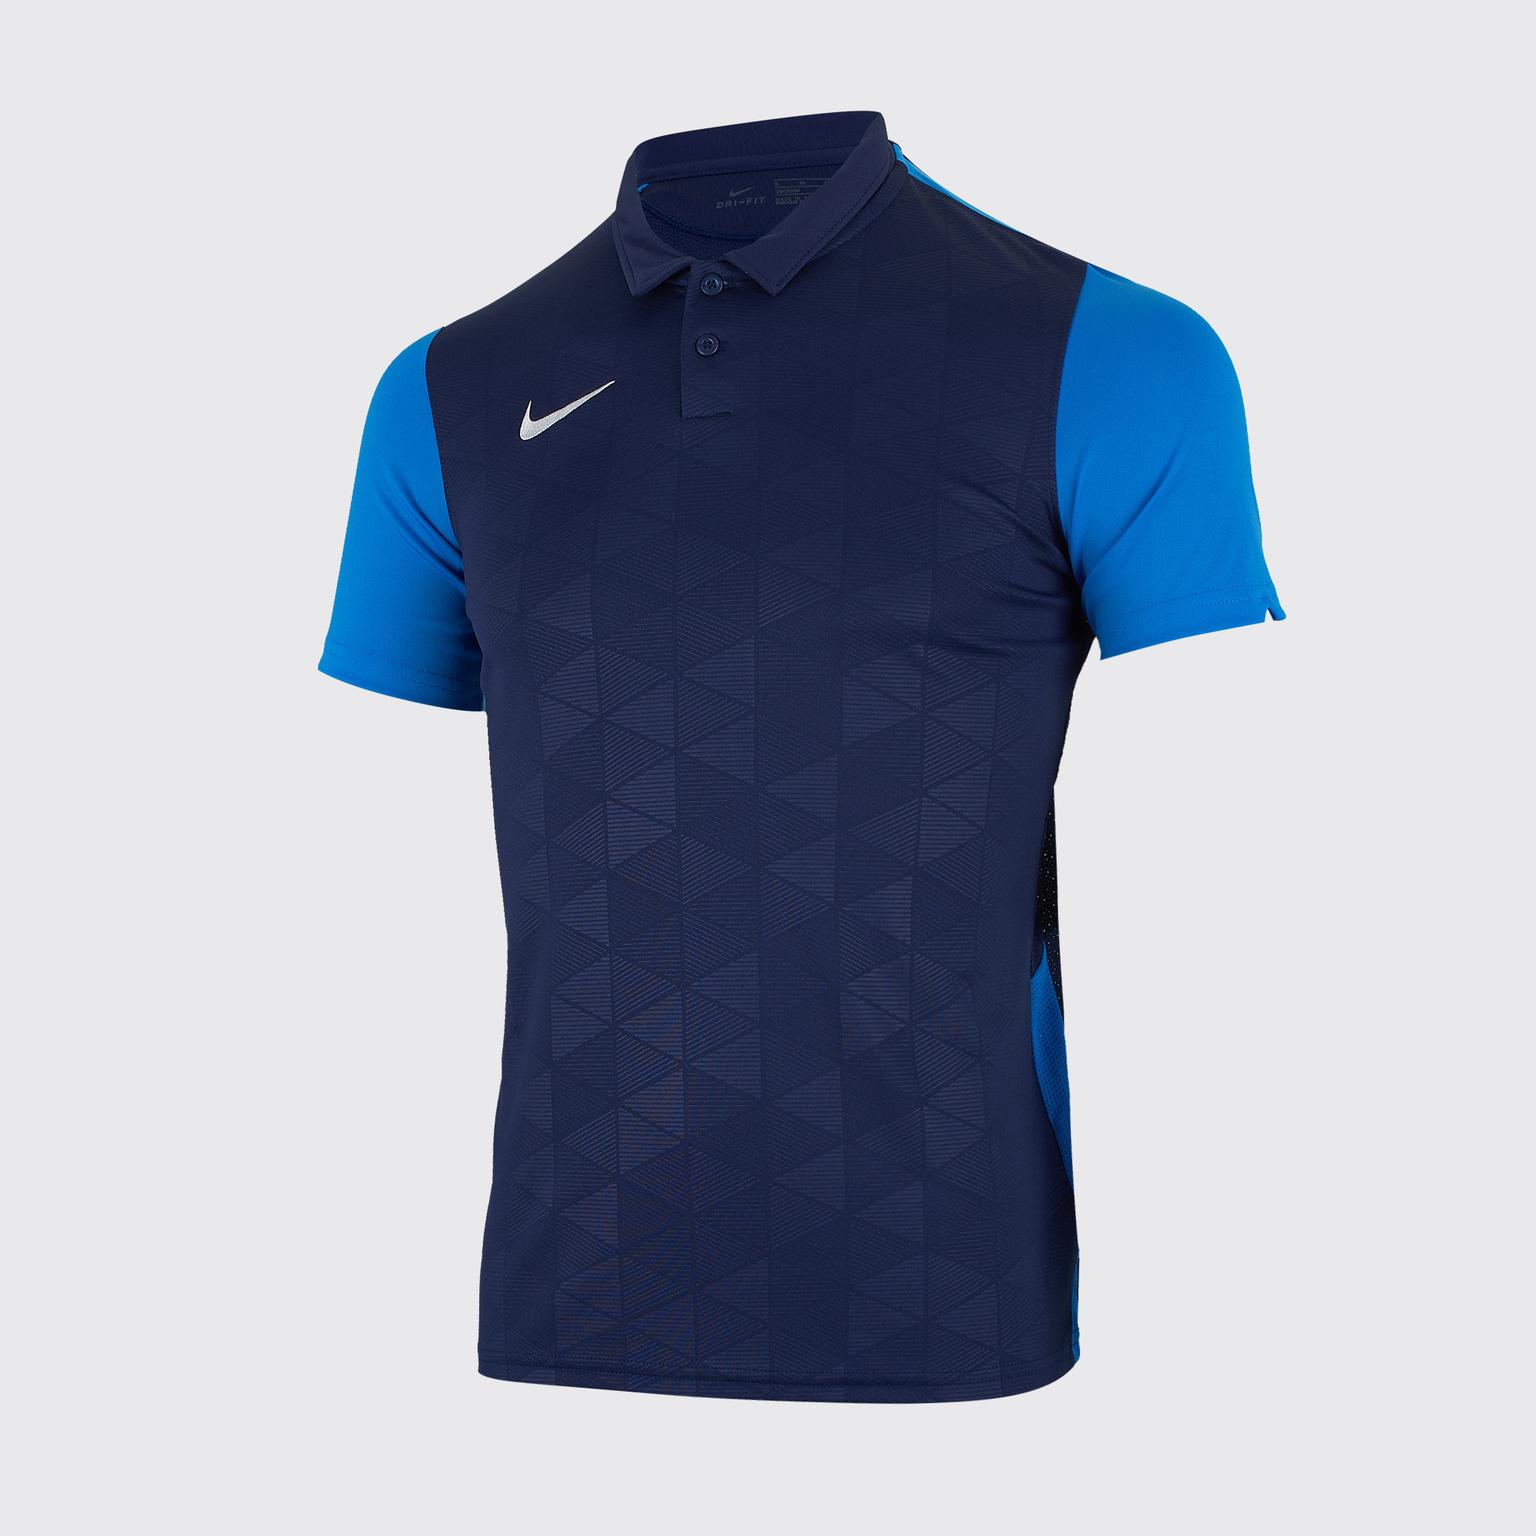 Футболка игровая подростковая Nike Trophy IV BV6749-410 футболка игровая nike trophy iv bv6725 413